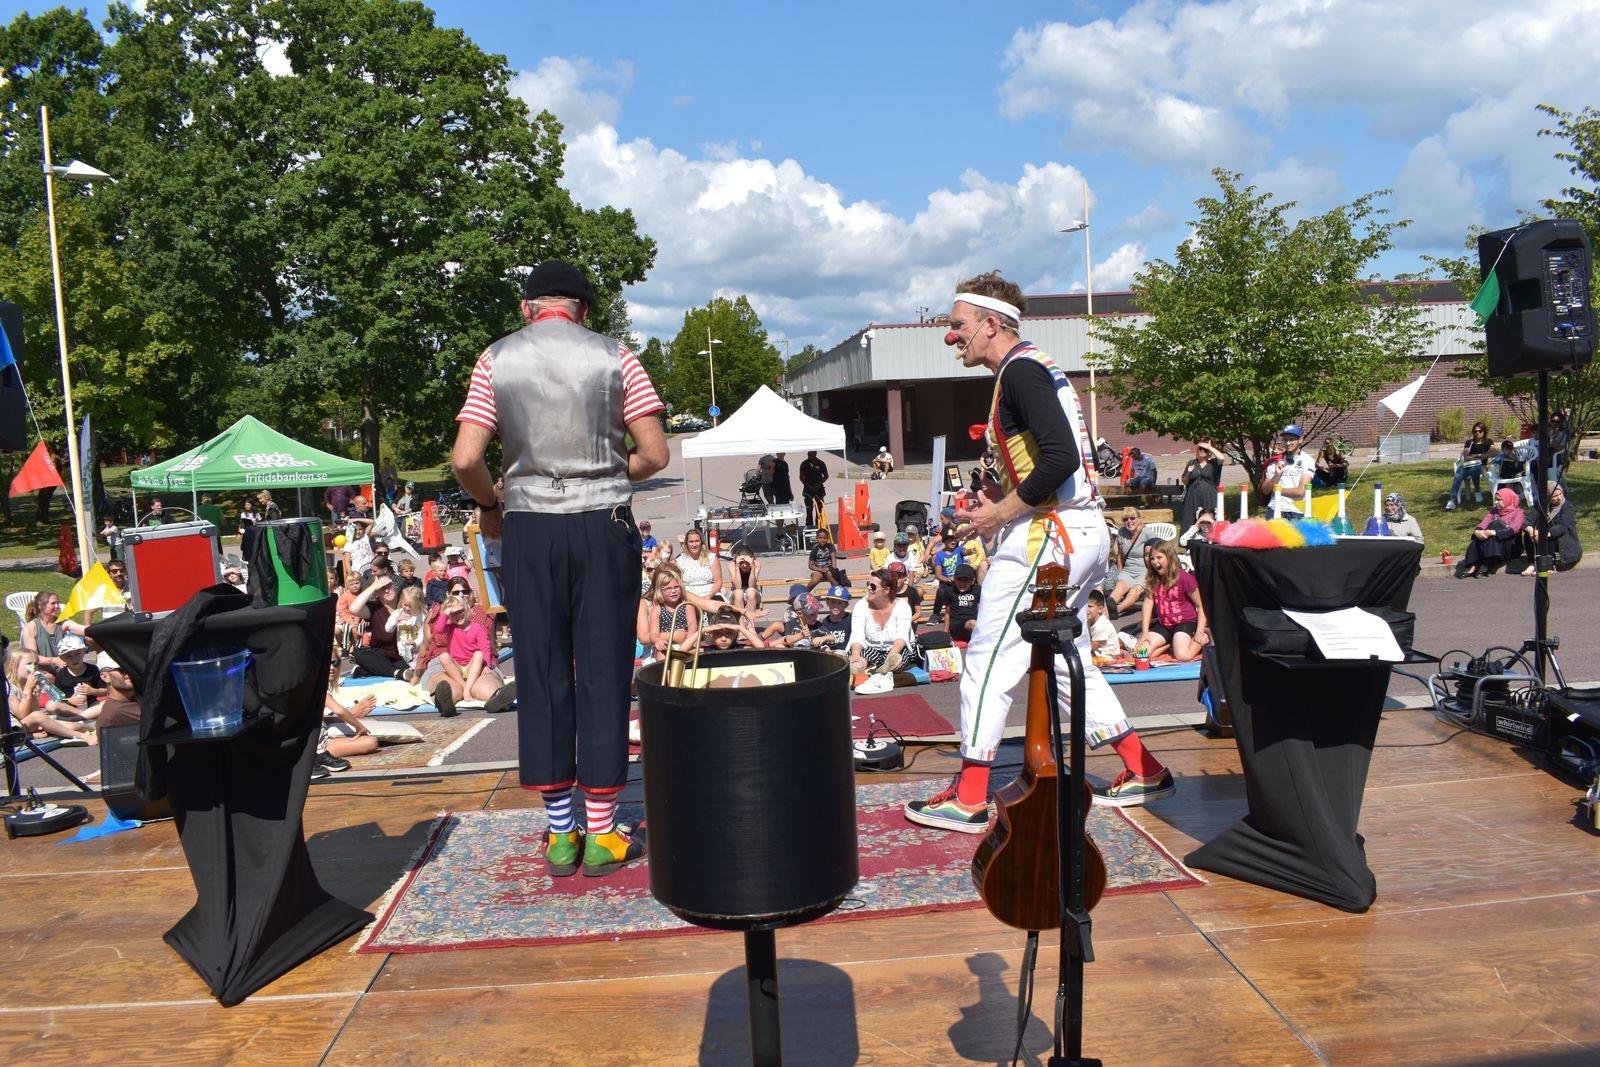 Clownen KaBom och trollkarlen Mike bjöd på en härlig show.